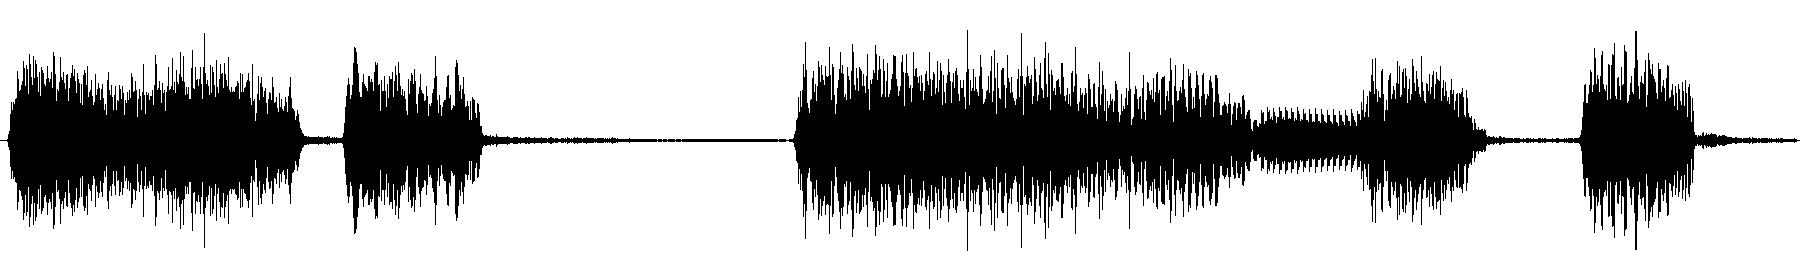 140 g organ vkeys 04 1